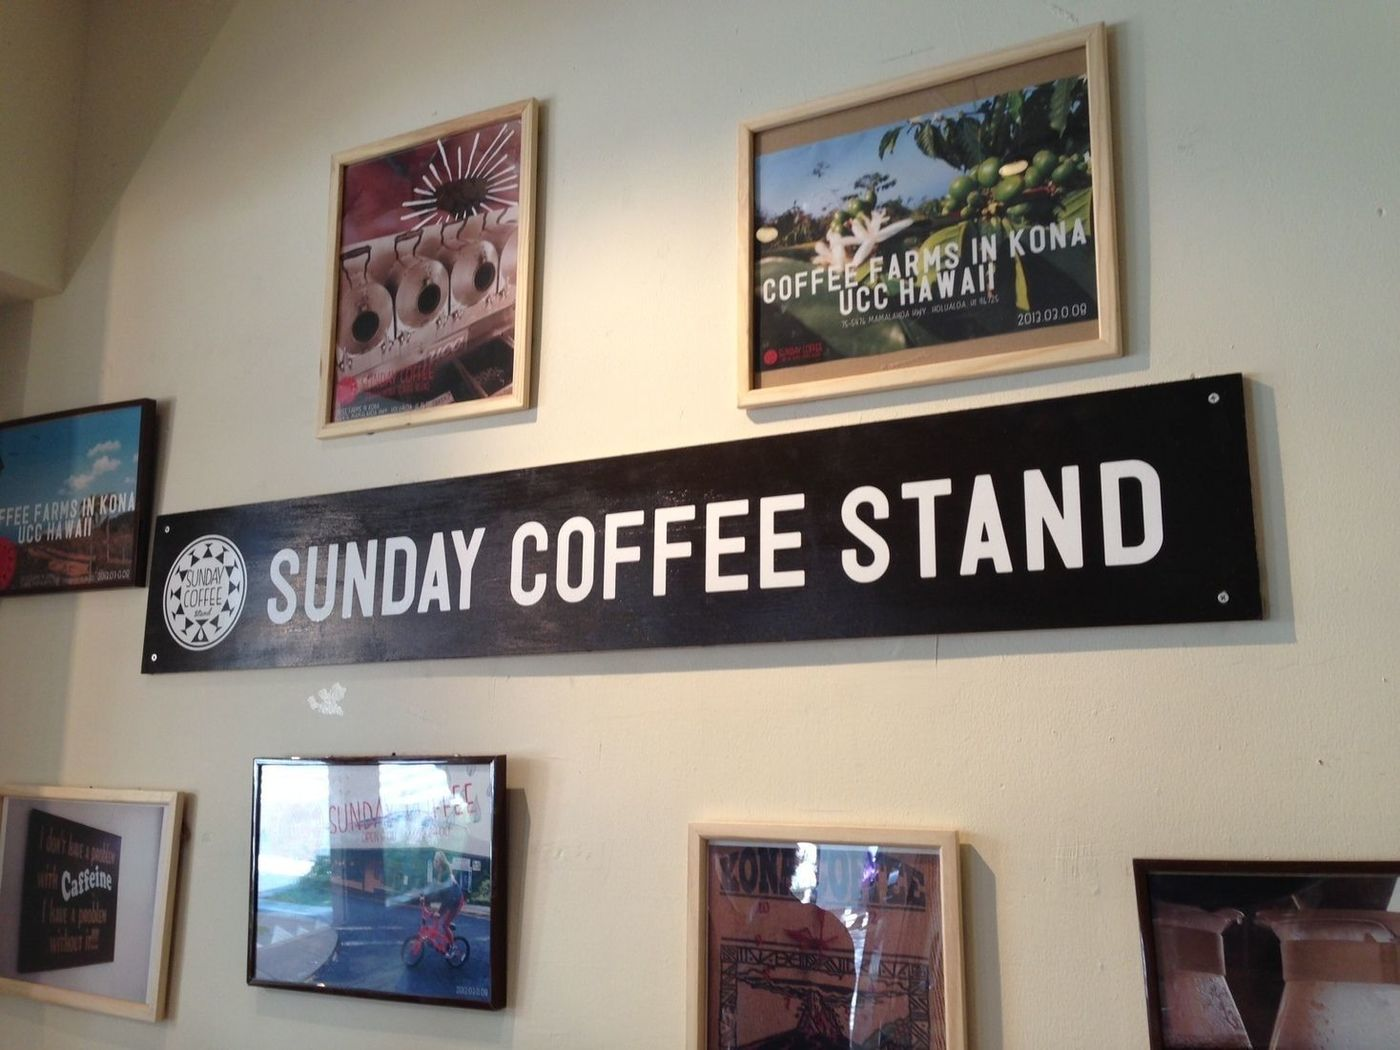 道玄坂でカフェ探しに困る貴方へ!おしゃれカフェを6選厳選♪の画像